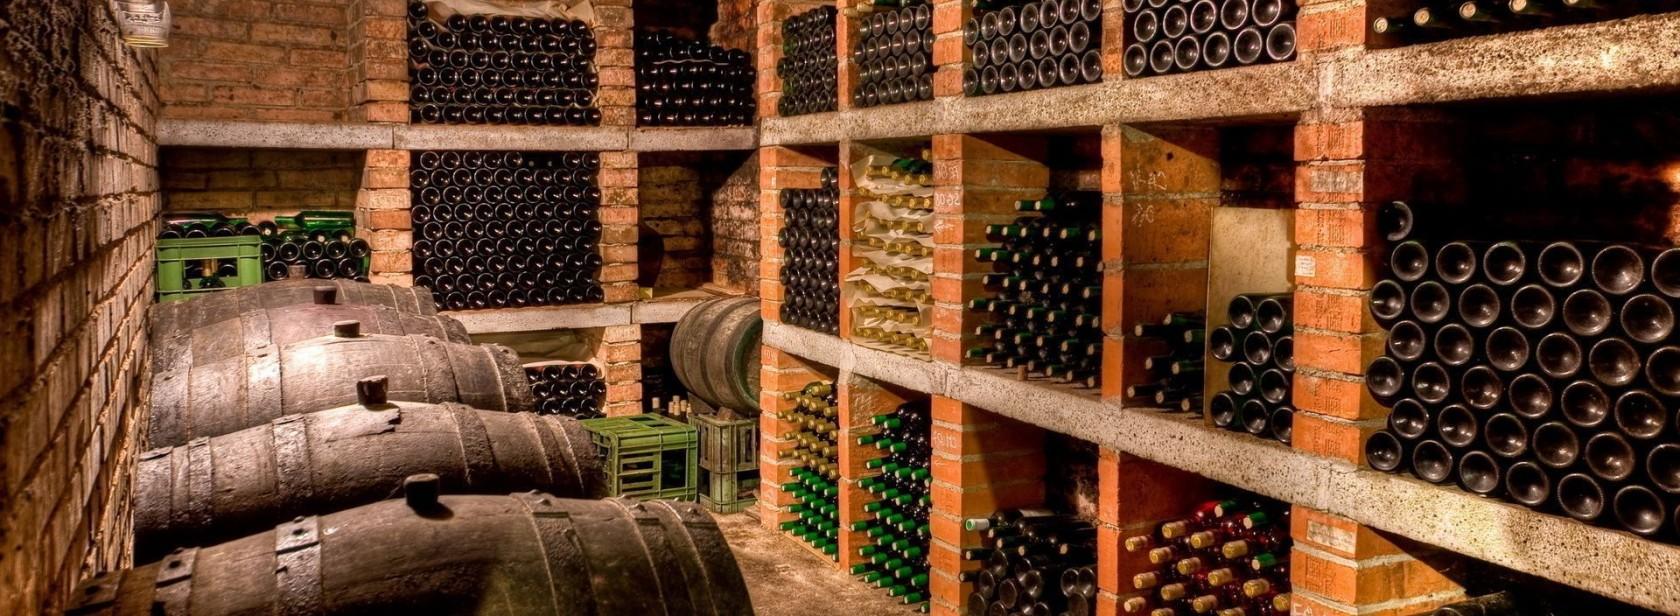 cantina-in-casa-come-realizzare-exclusive-wine-1680x616